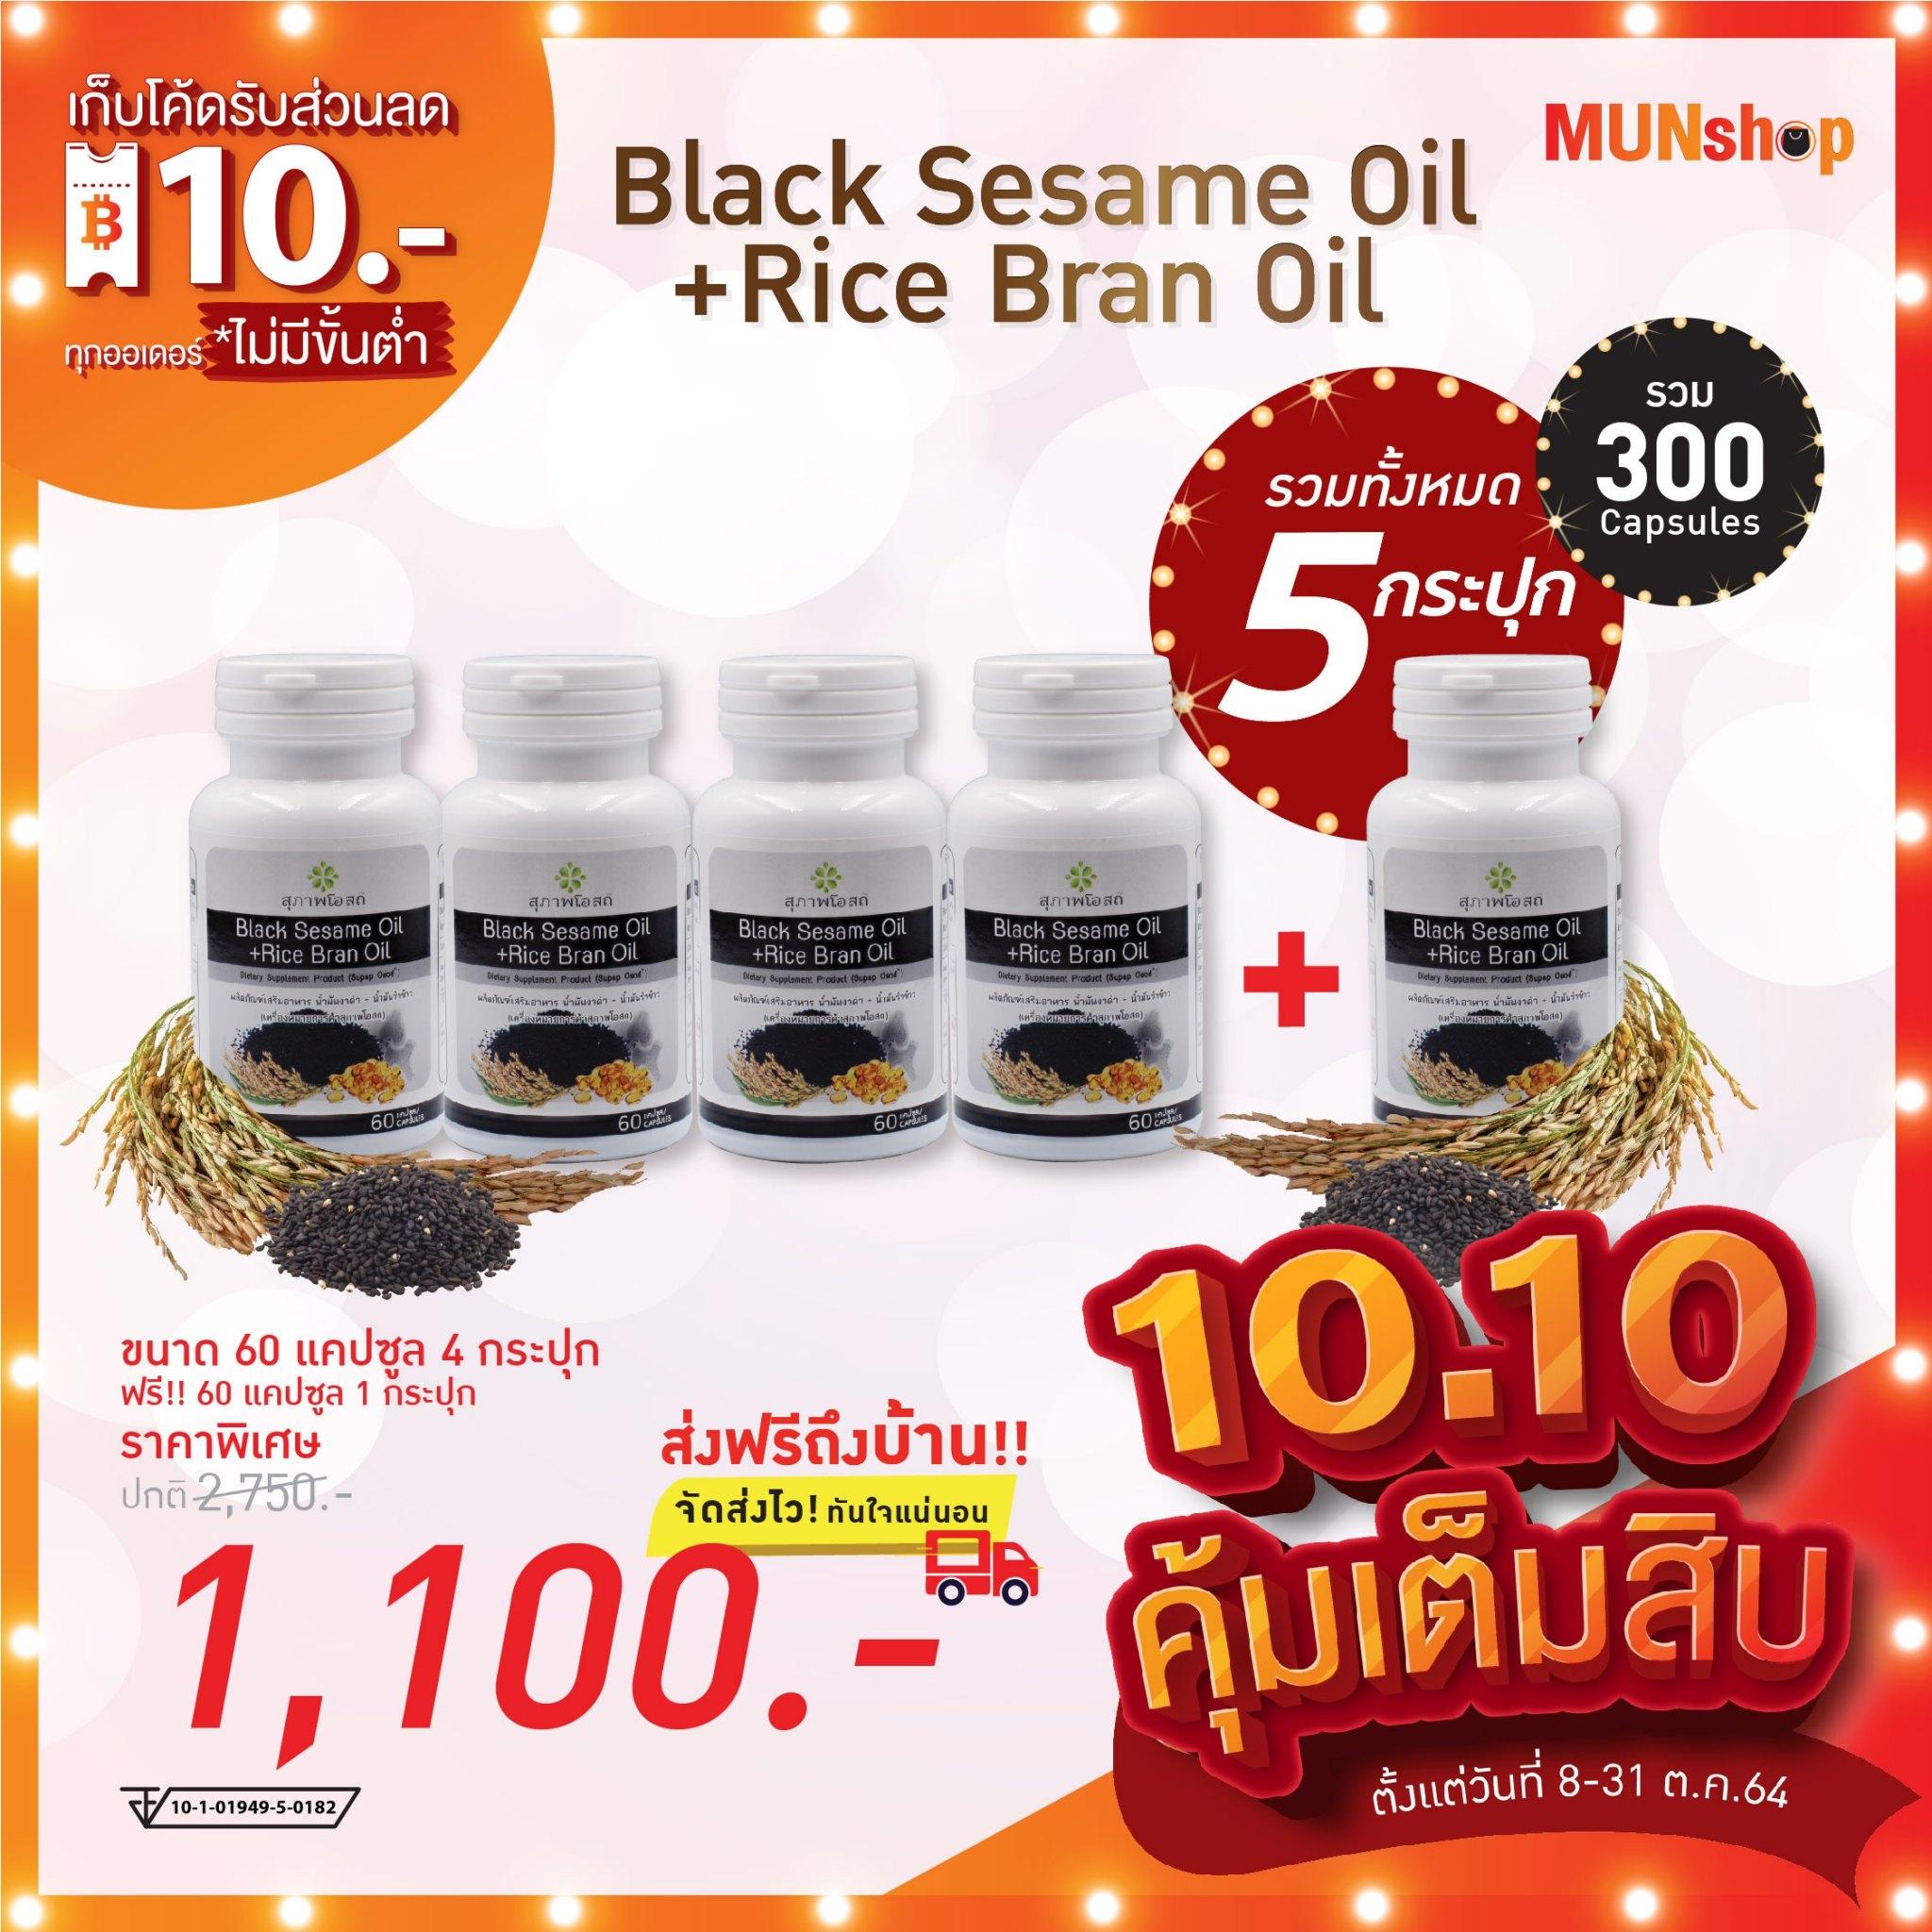 Black Sesame + Rice Bran Oil ได้ทั้งหมด 5 กระปุก / ราคาเพียง 1,100 บาท